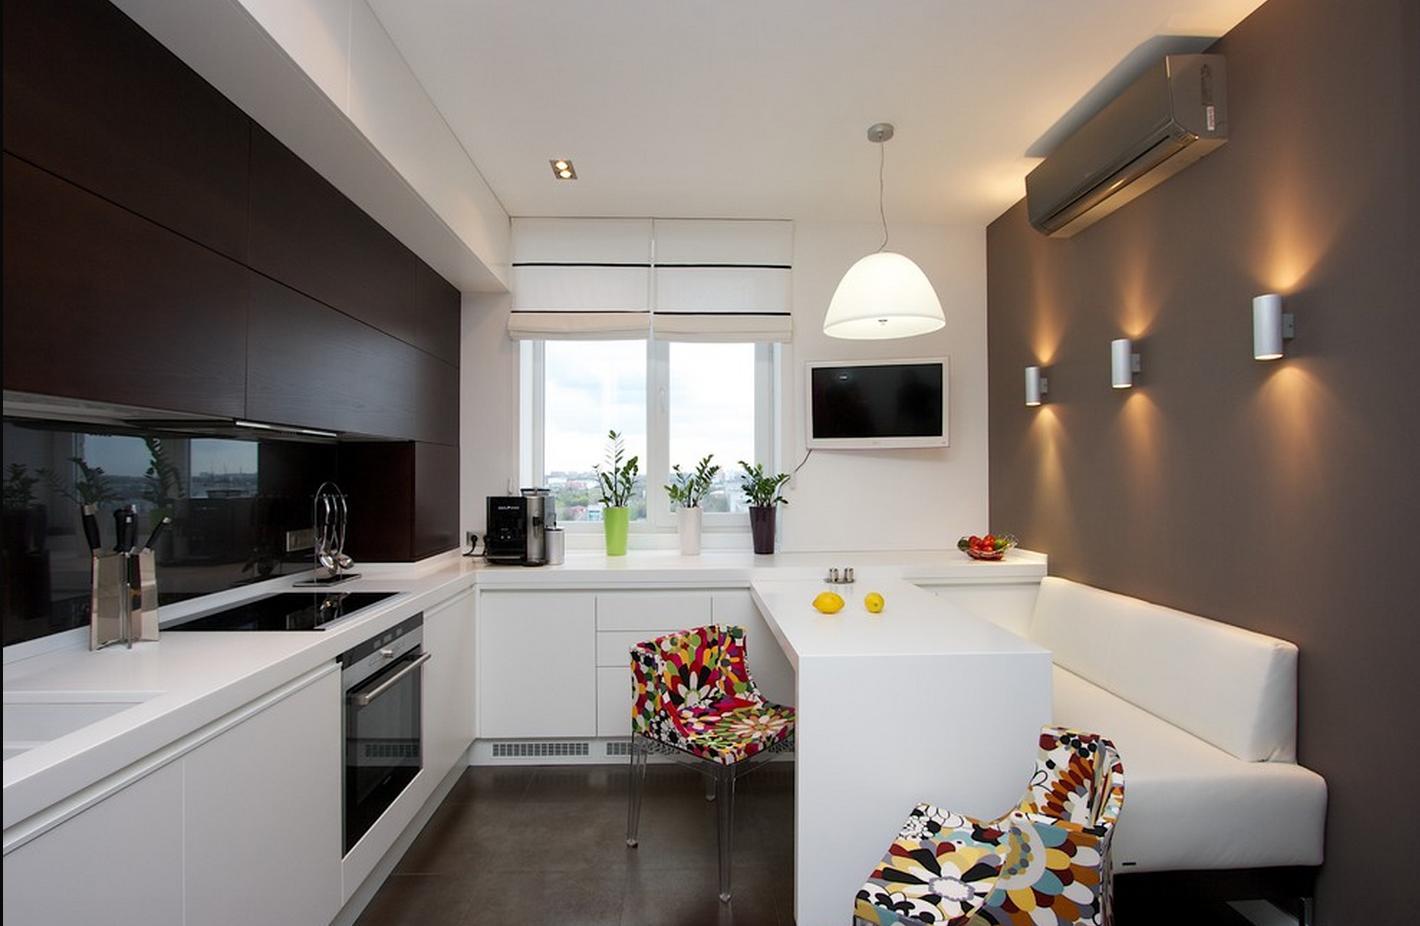 Кухня в черно-белых тонах с яркими акцентами